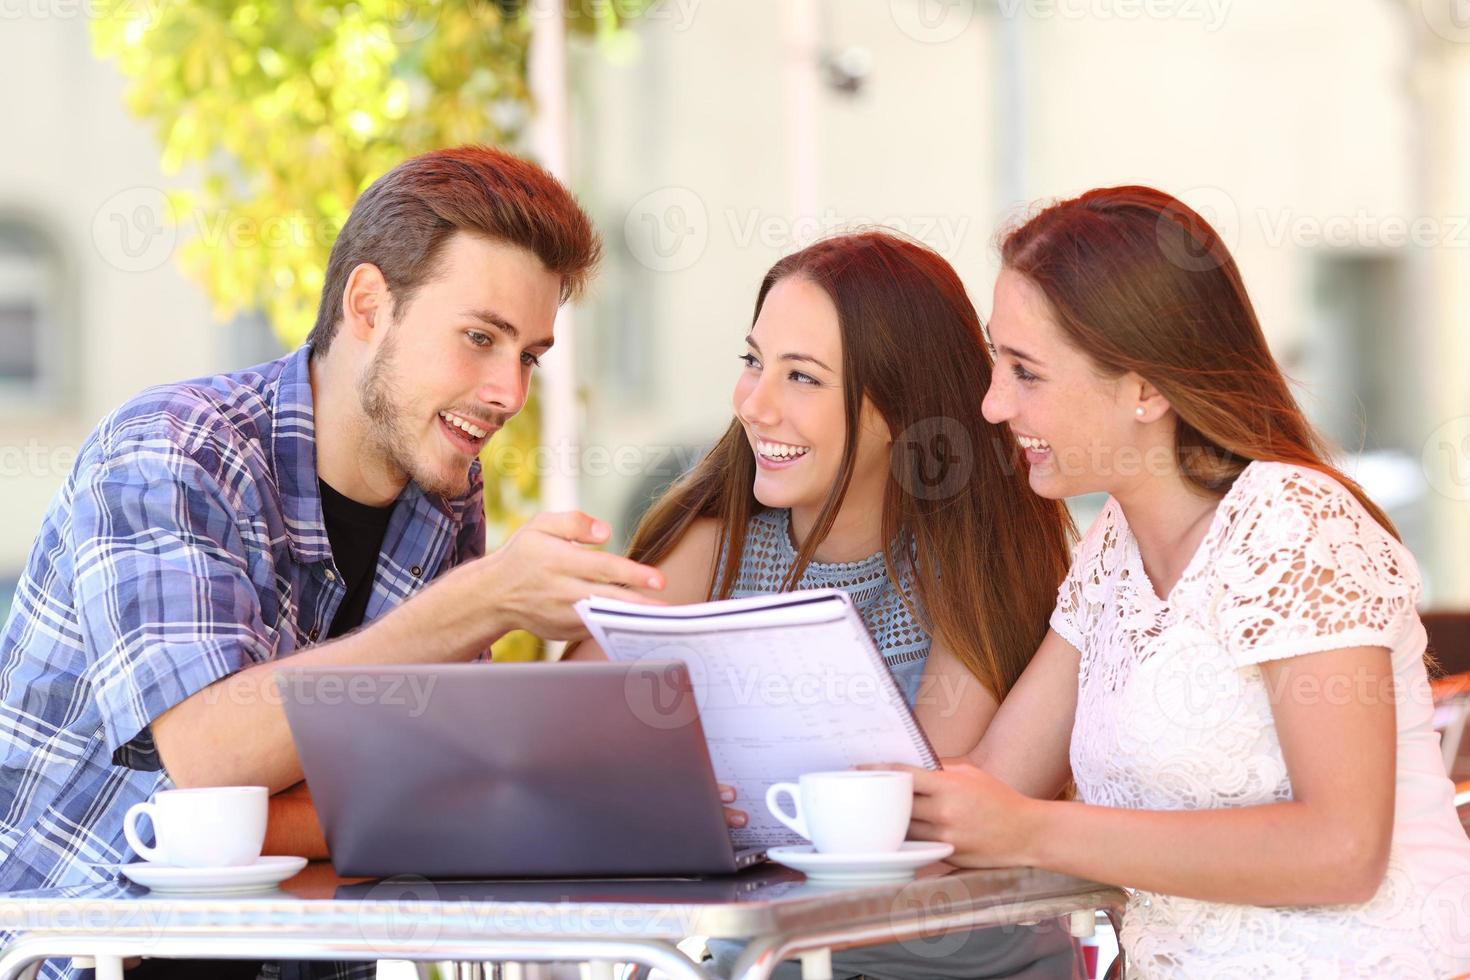 três alunos estudando e aprendendo em uma cafeteria foto